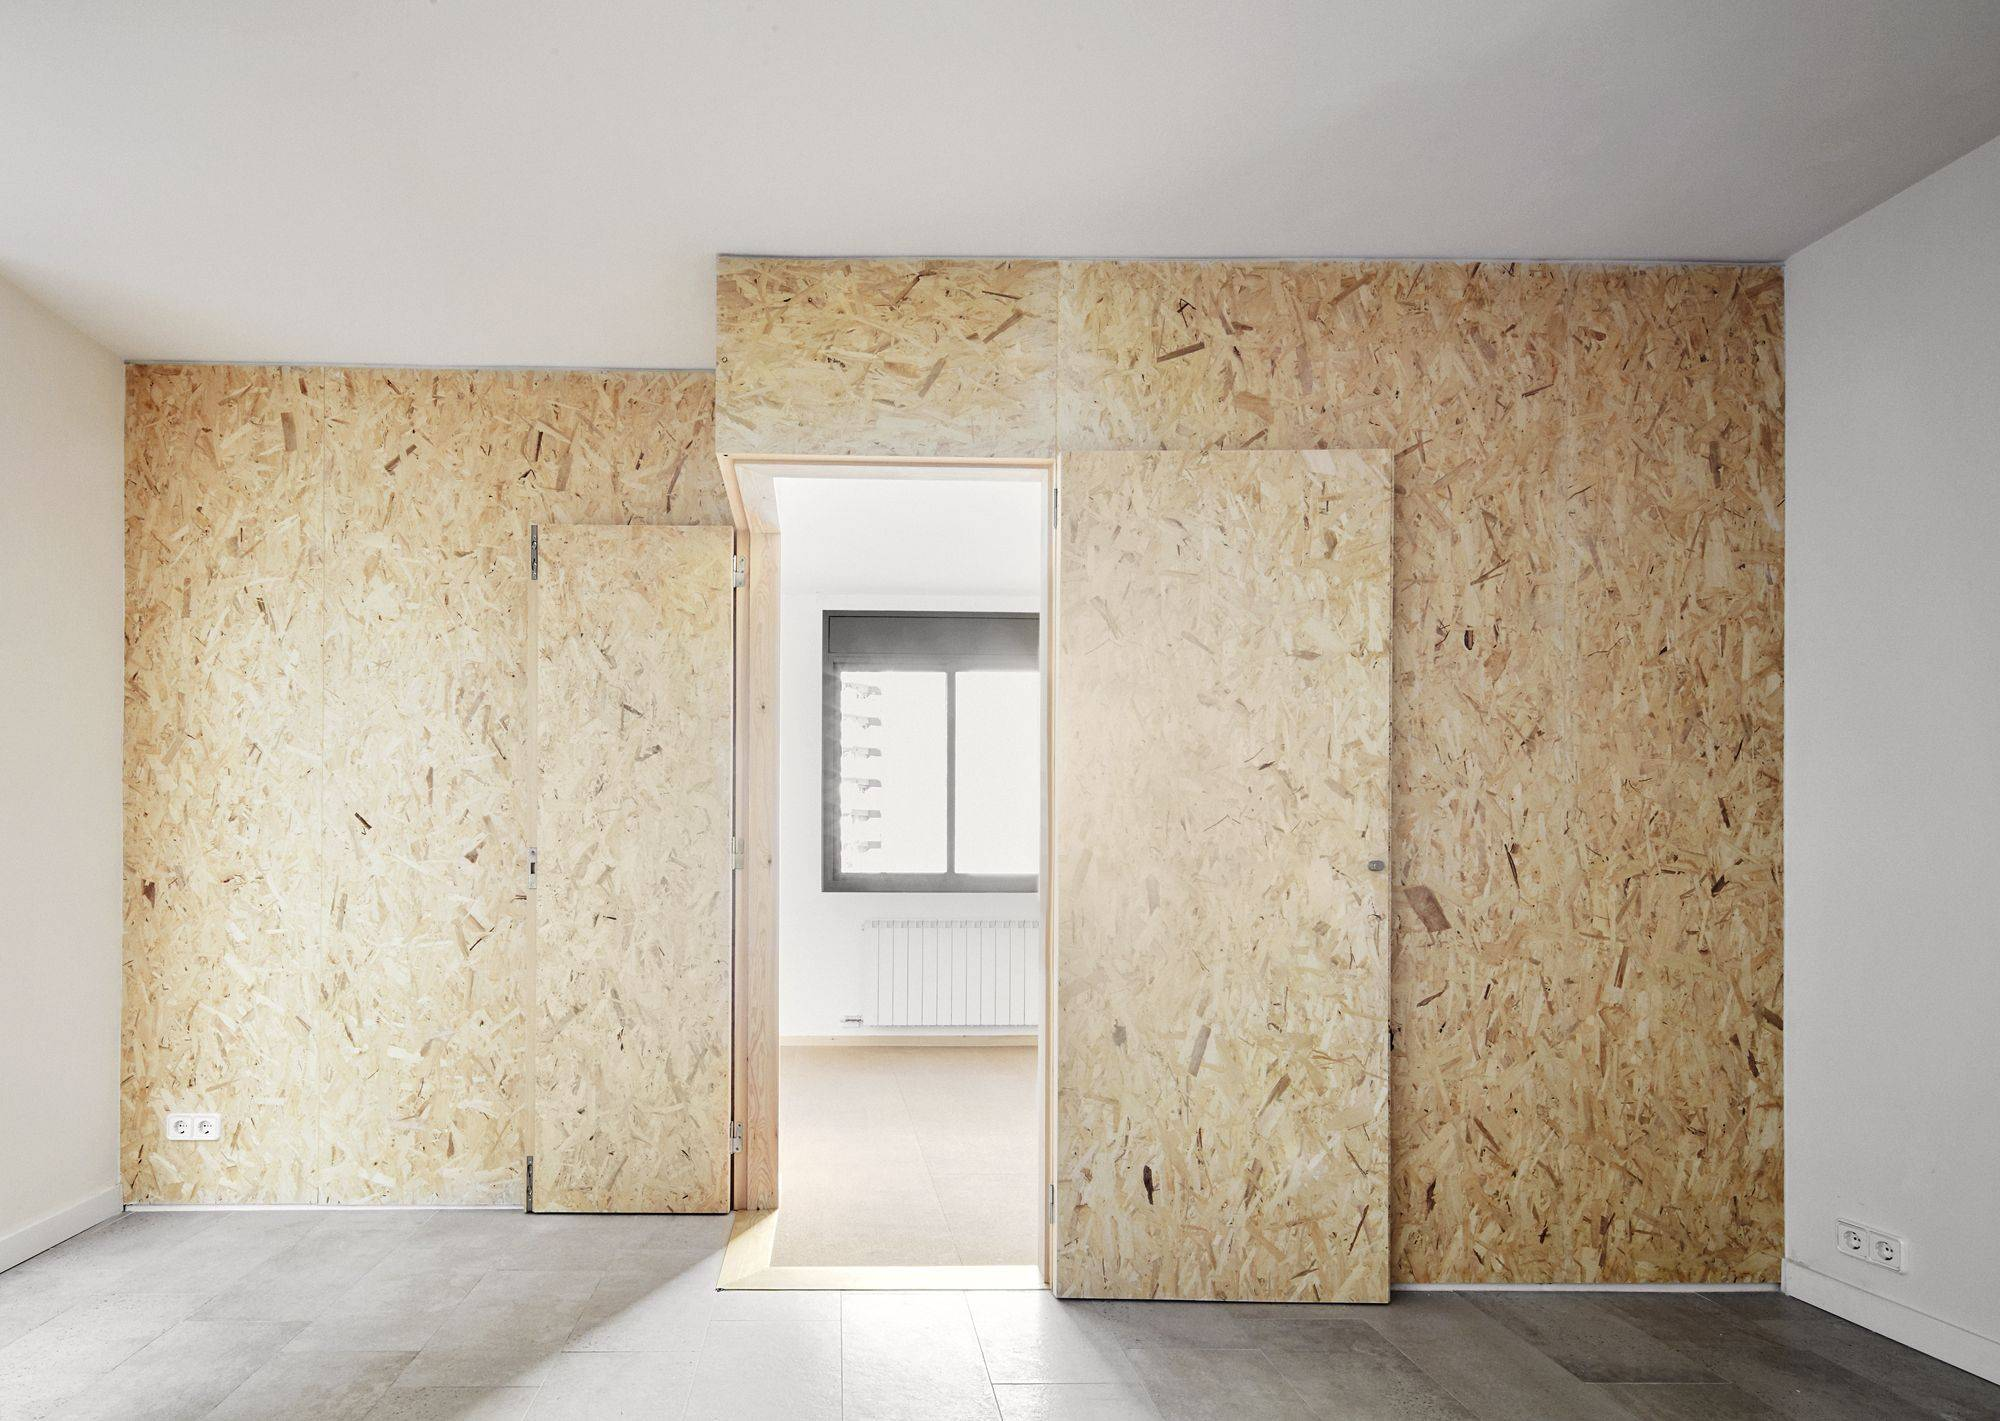 Чем покрыть осб плиту внутри помещения - только ремонт своими руками в квартире: фото, видео, инструкции